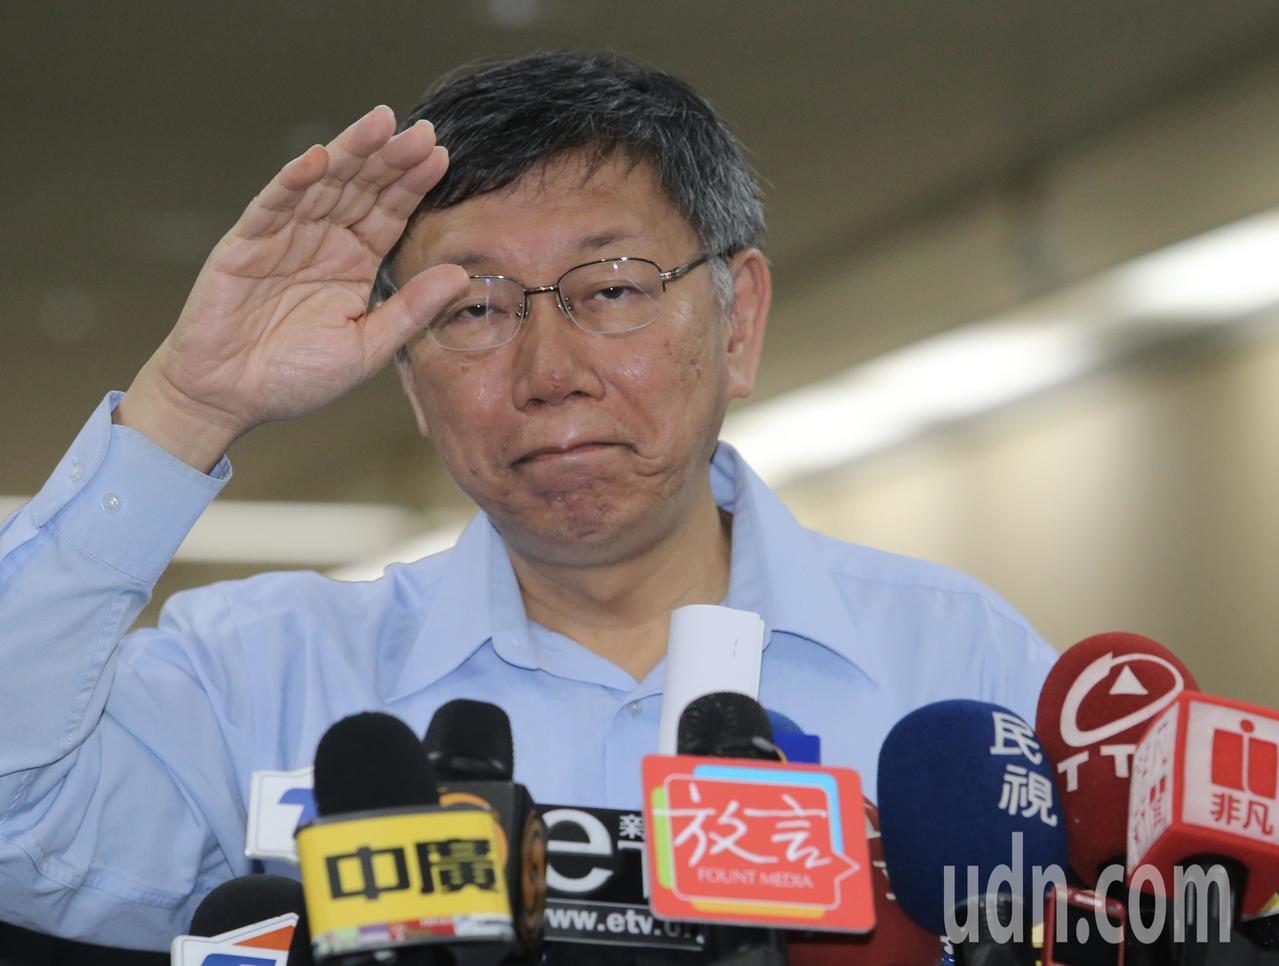 台北市長柯文哲今天受訪時表示,韓國瑜失去一次改變國民黨的機會。記者許正宏/攝影